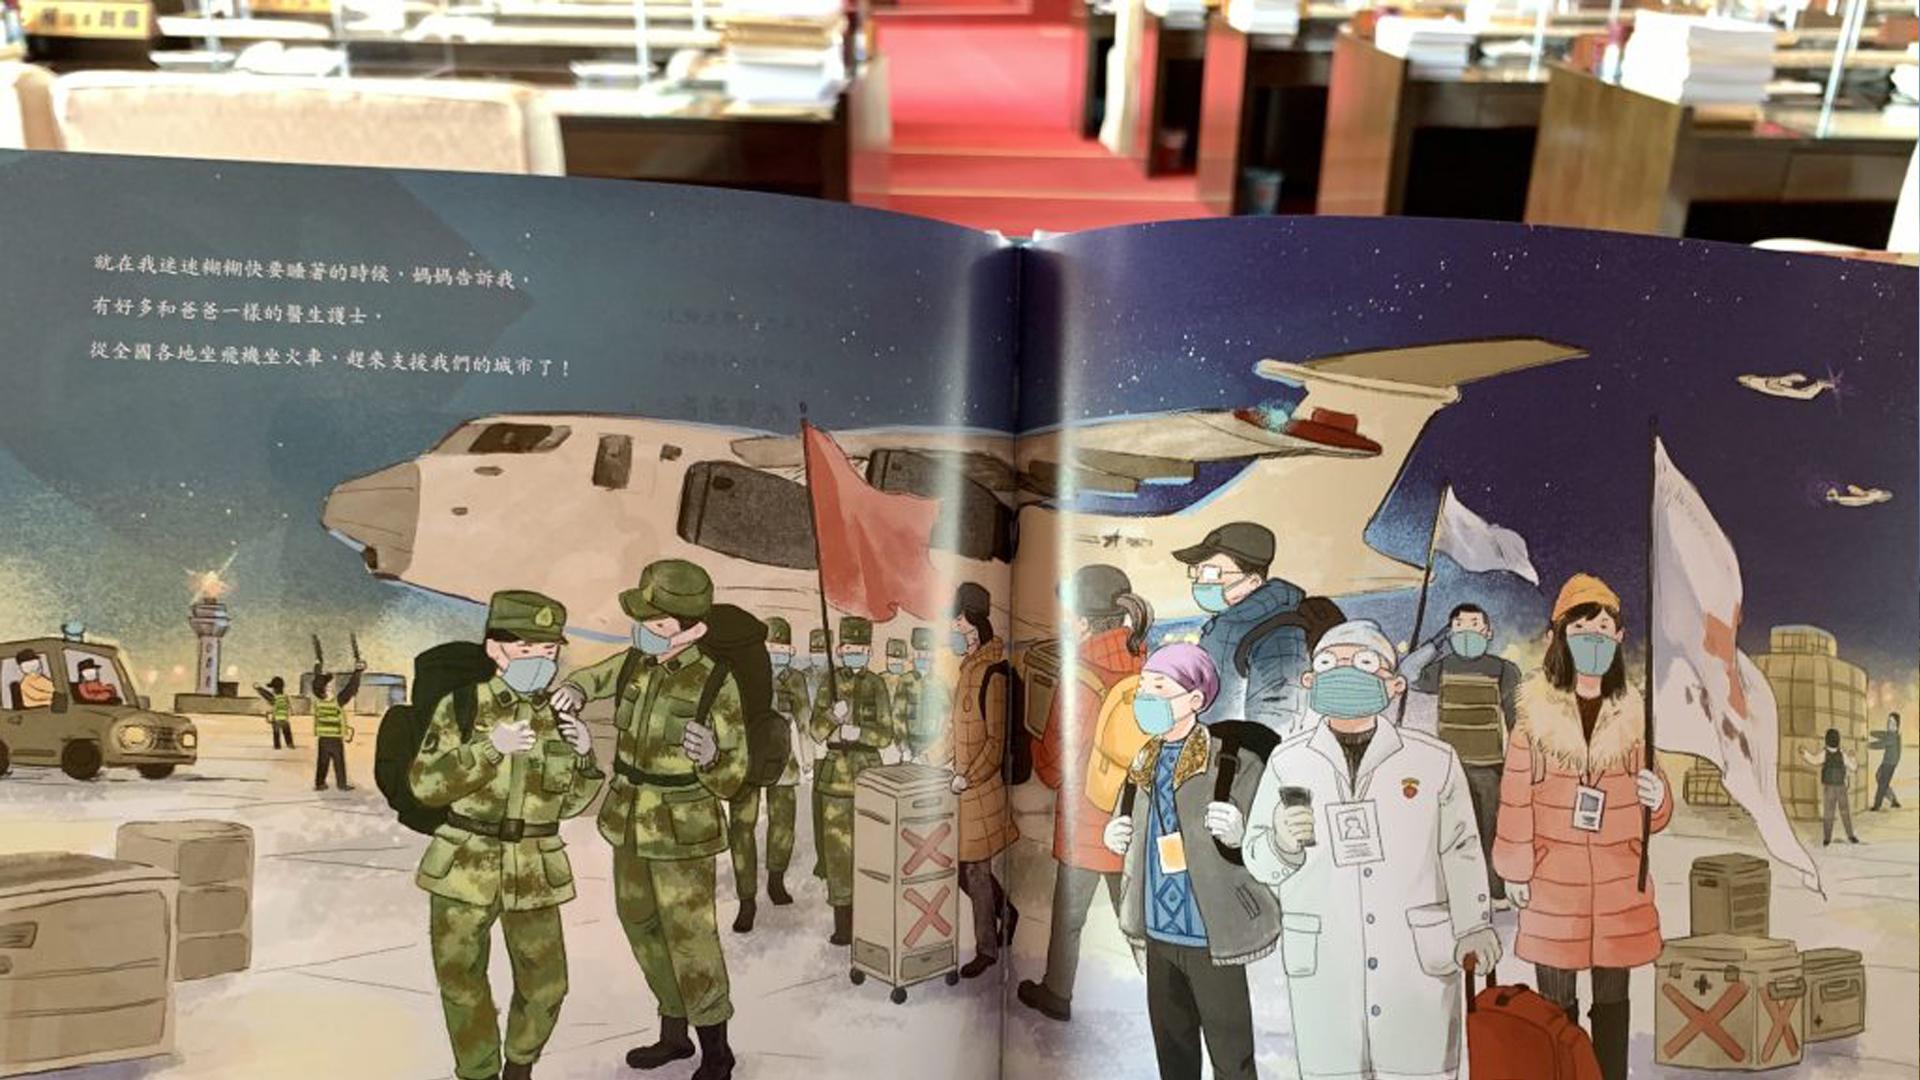 """台北图书馆下架大陆抗疫儿童书,""""反中""""反到失智?图片"""